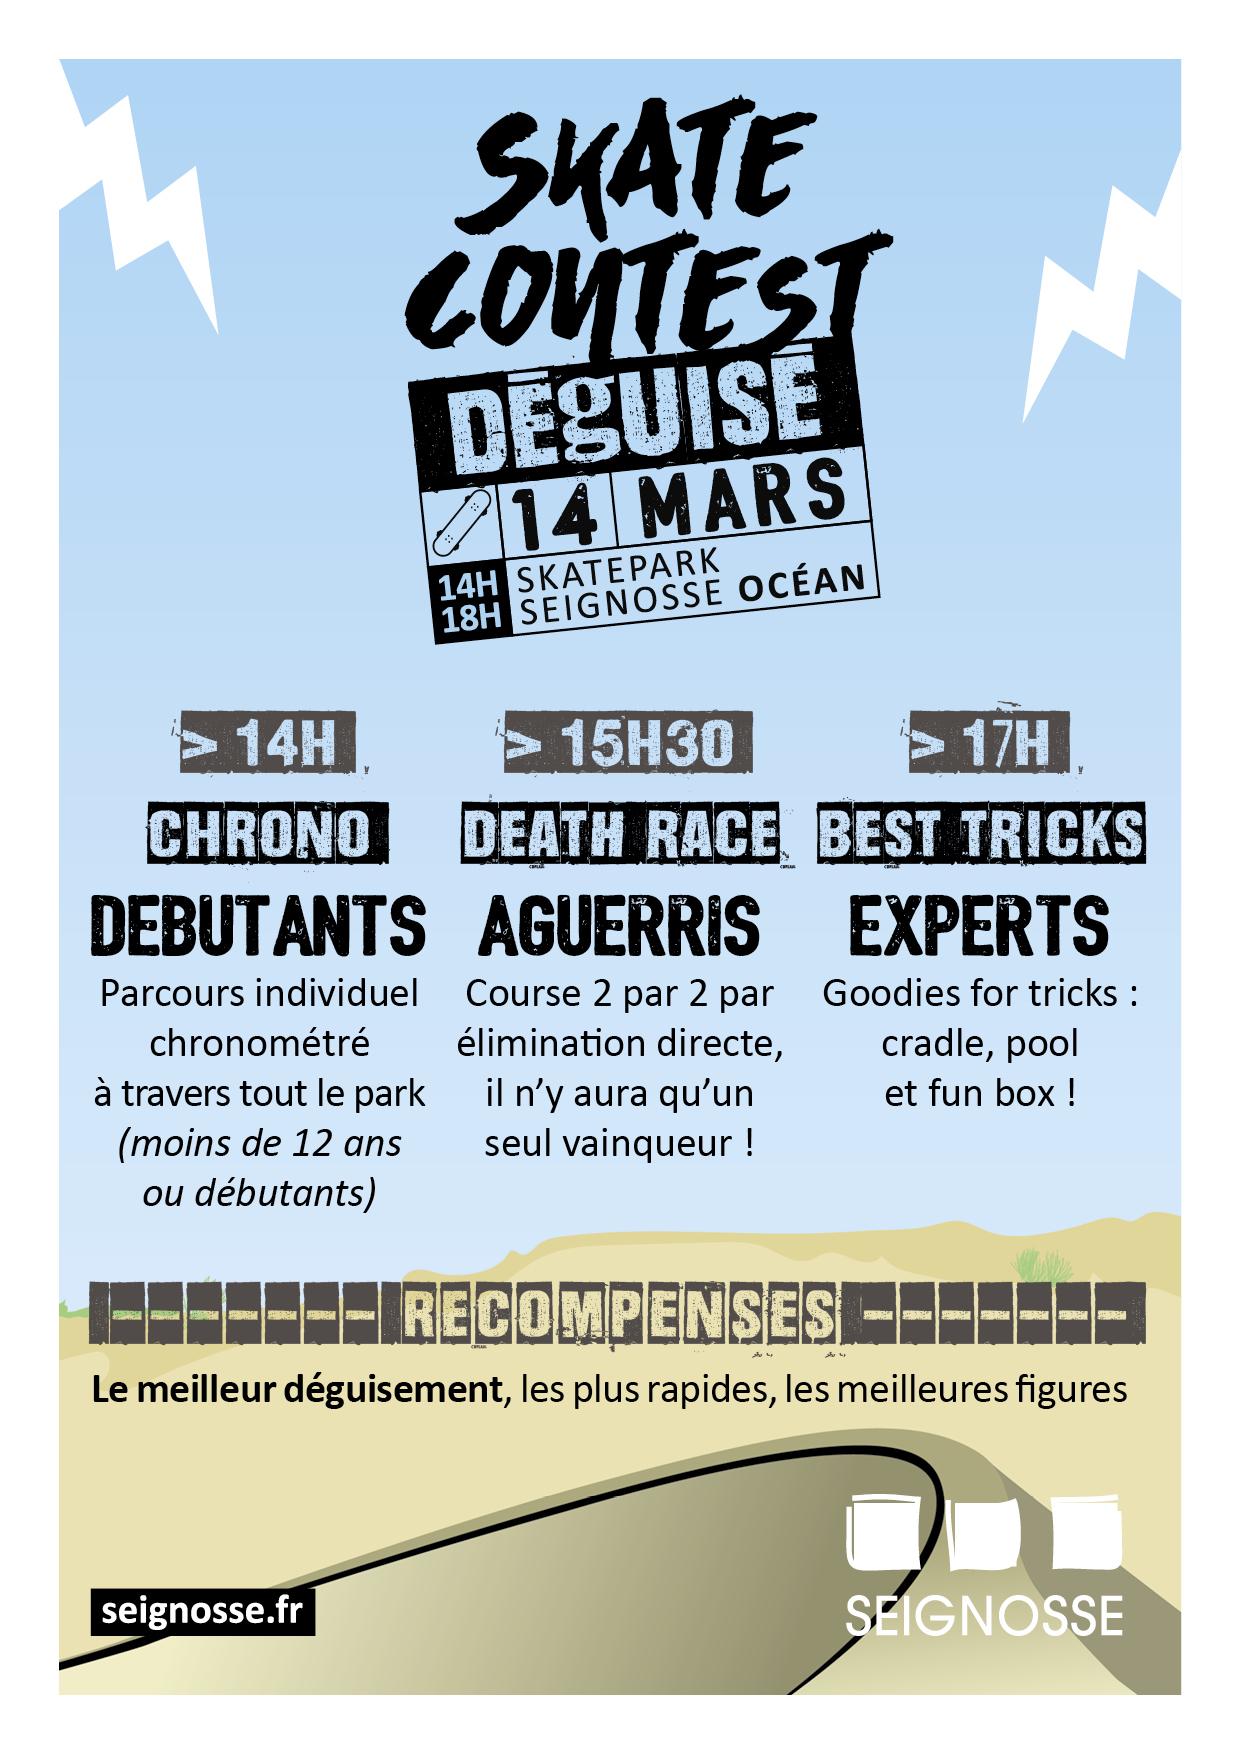 skate contest déguisé Skate contest déguisé - reporté seignosse skate contest flyer